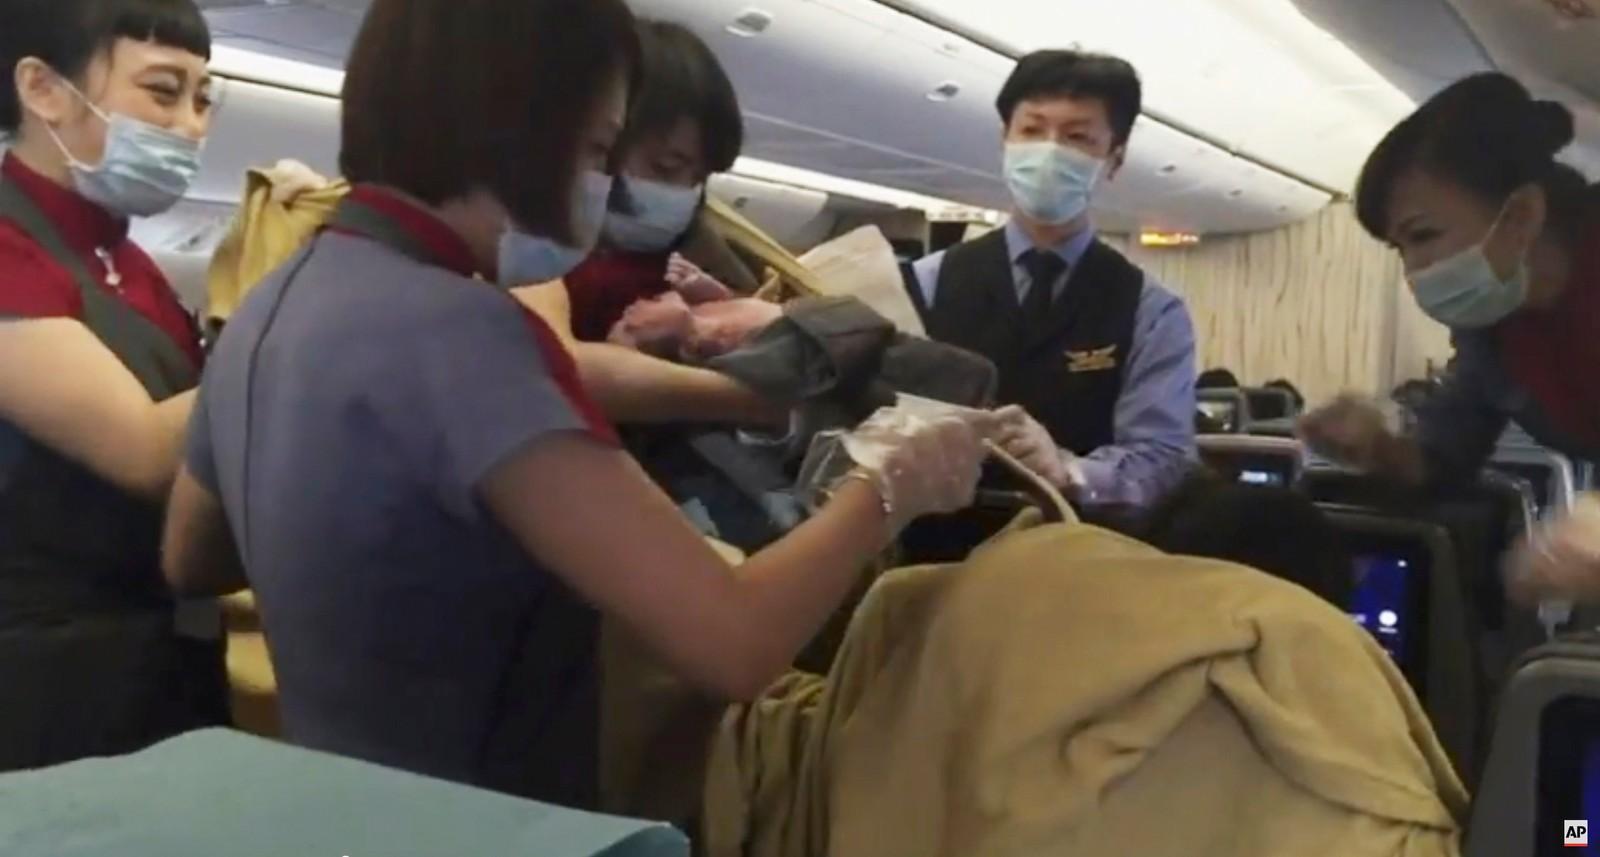 På vei fra Taiwan til Los Angeles, bestemte en ny verdensborger seg for at hun ville ut. Heldigvis var det en doktor om bord og fødselen skal etter forholdene ha gått bra. Flyet stoppet i Alaska, der moren og hennes nyankomne datter ble sendt til sykehus, før det fortsatte turen til California.